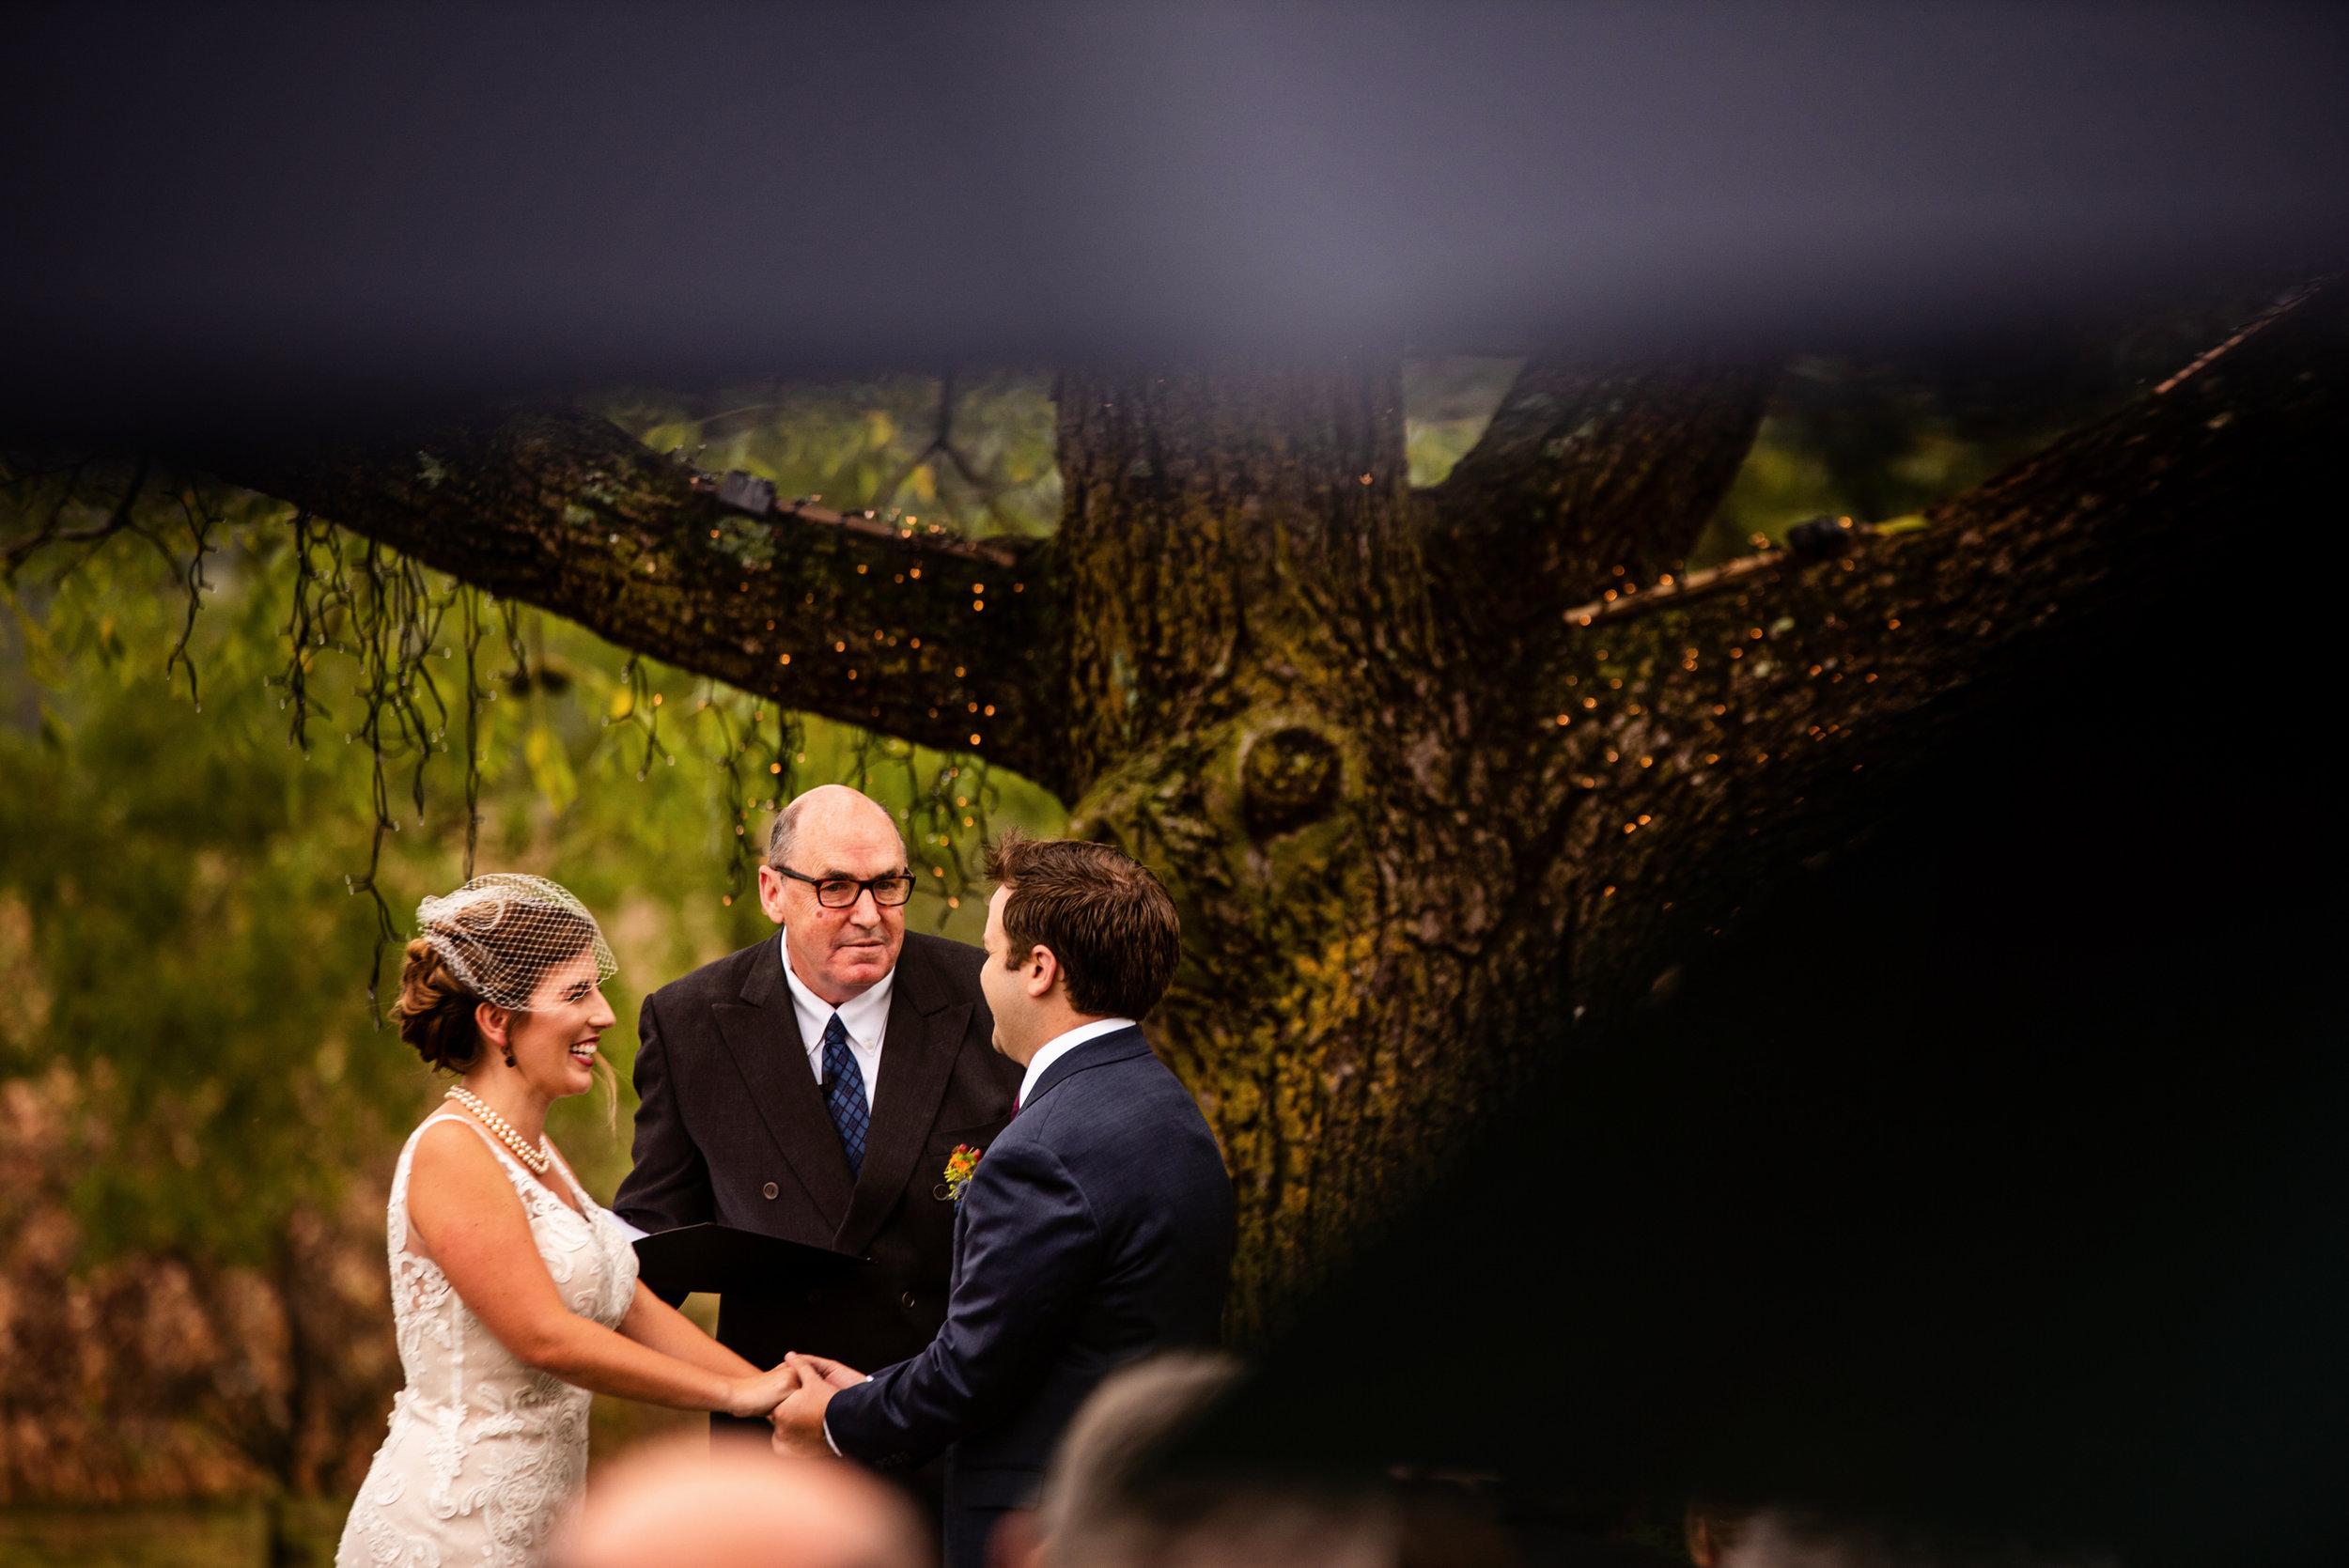 WalkersOverlookWedding-Angela&Ben-Ceremony-22.jpg